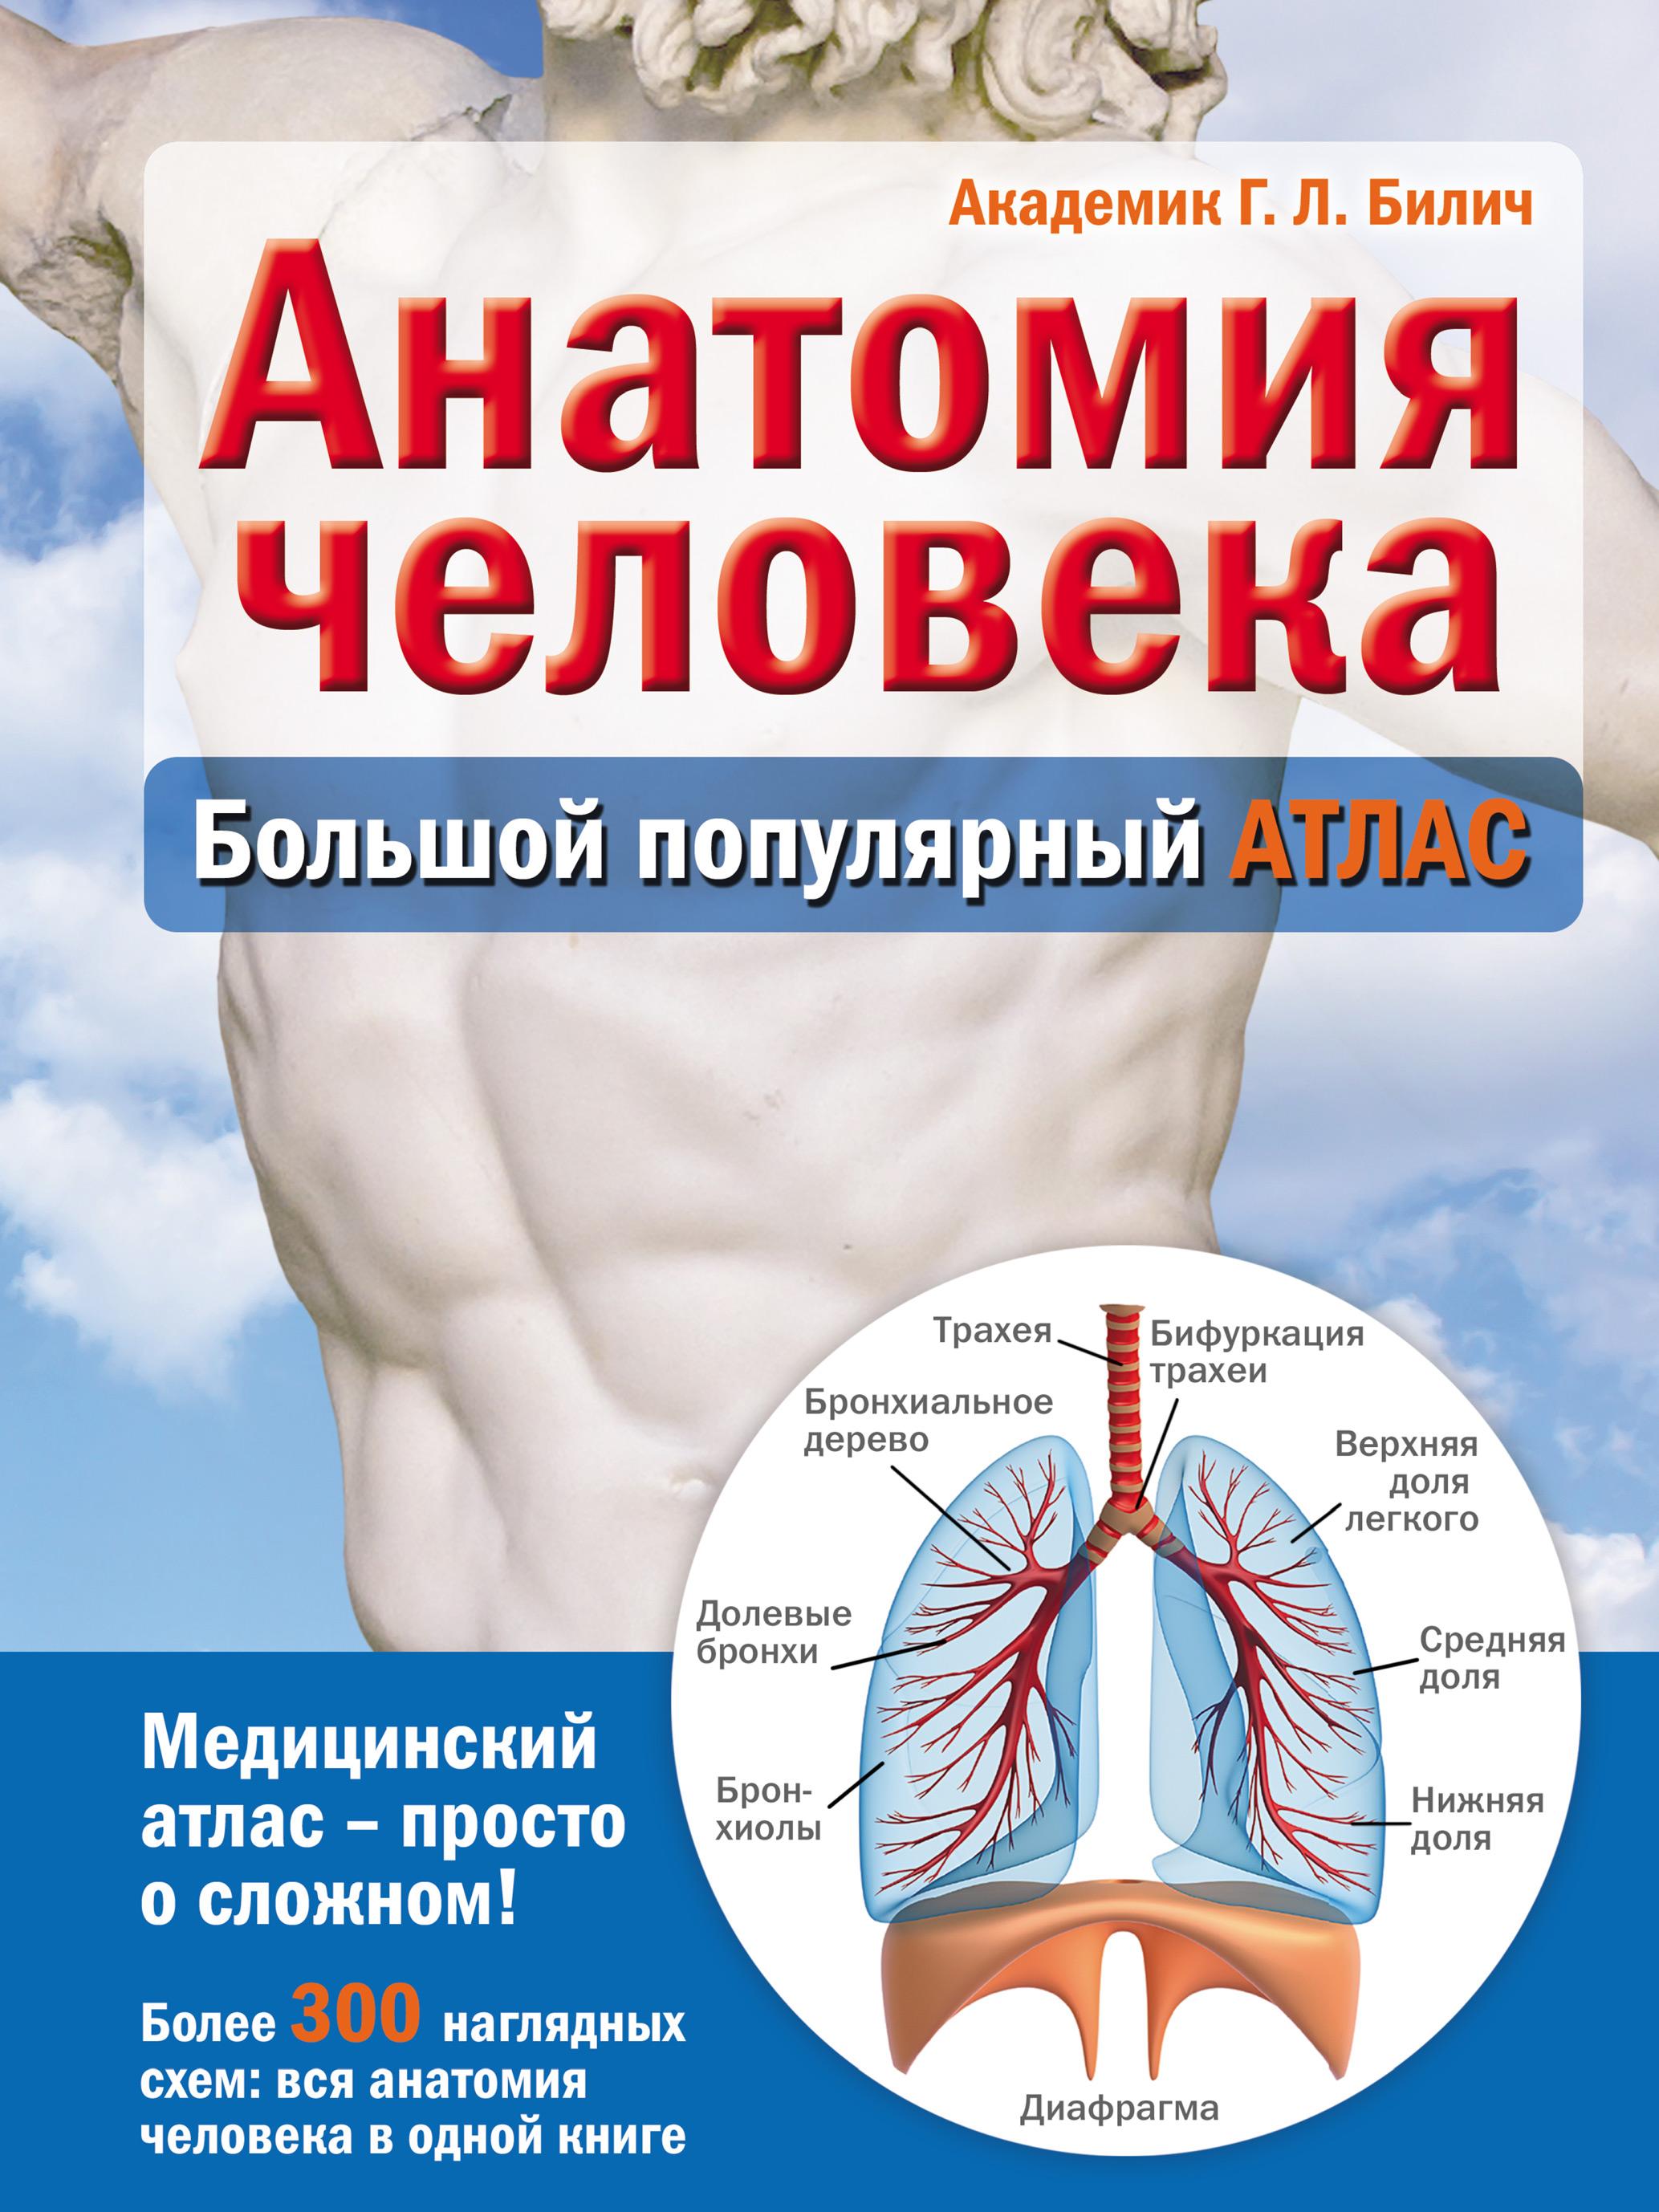 Г. Л. Билич Анатомия человека. Большой популярный атлас г л билич анатомия человека большой популярный атлас